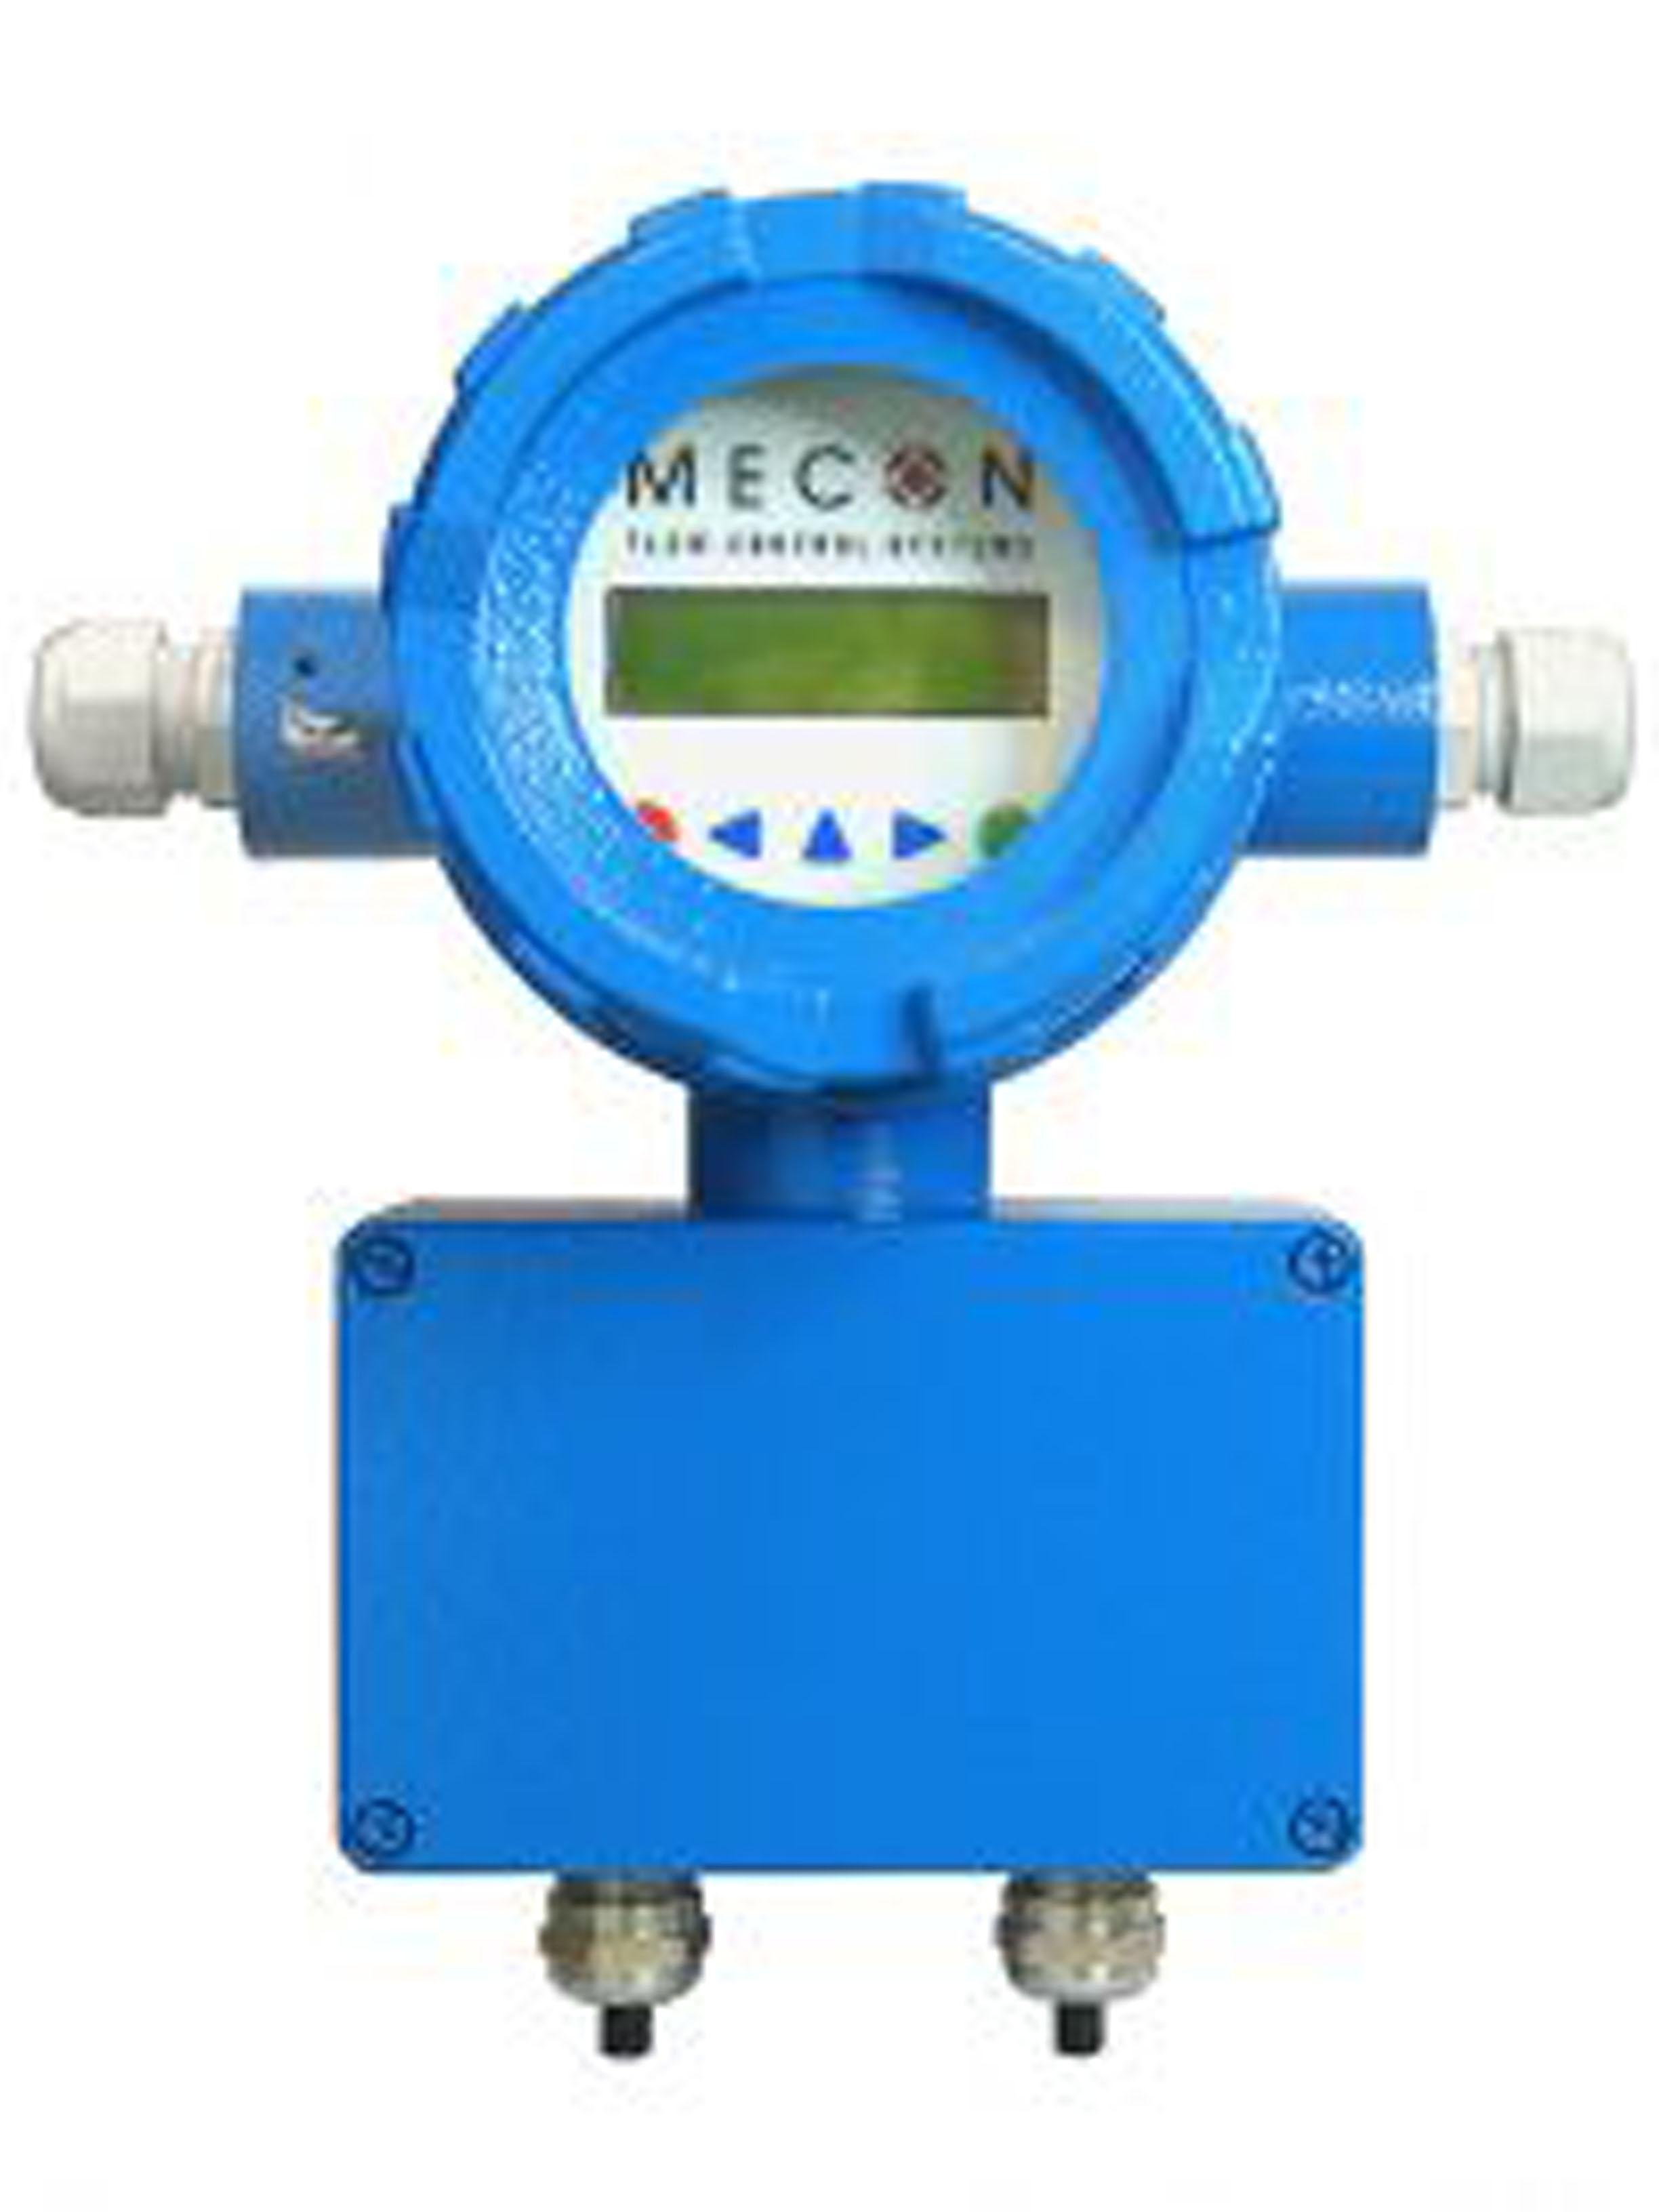 Đồng hồ đo nước thải màn hình rời